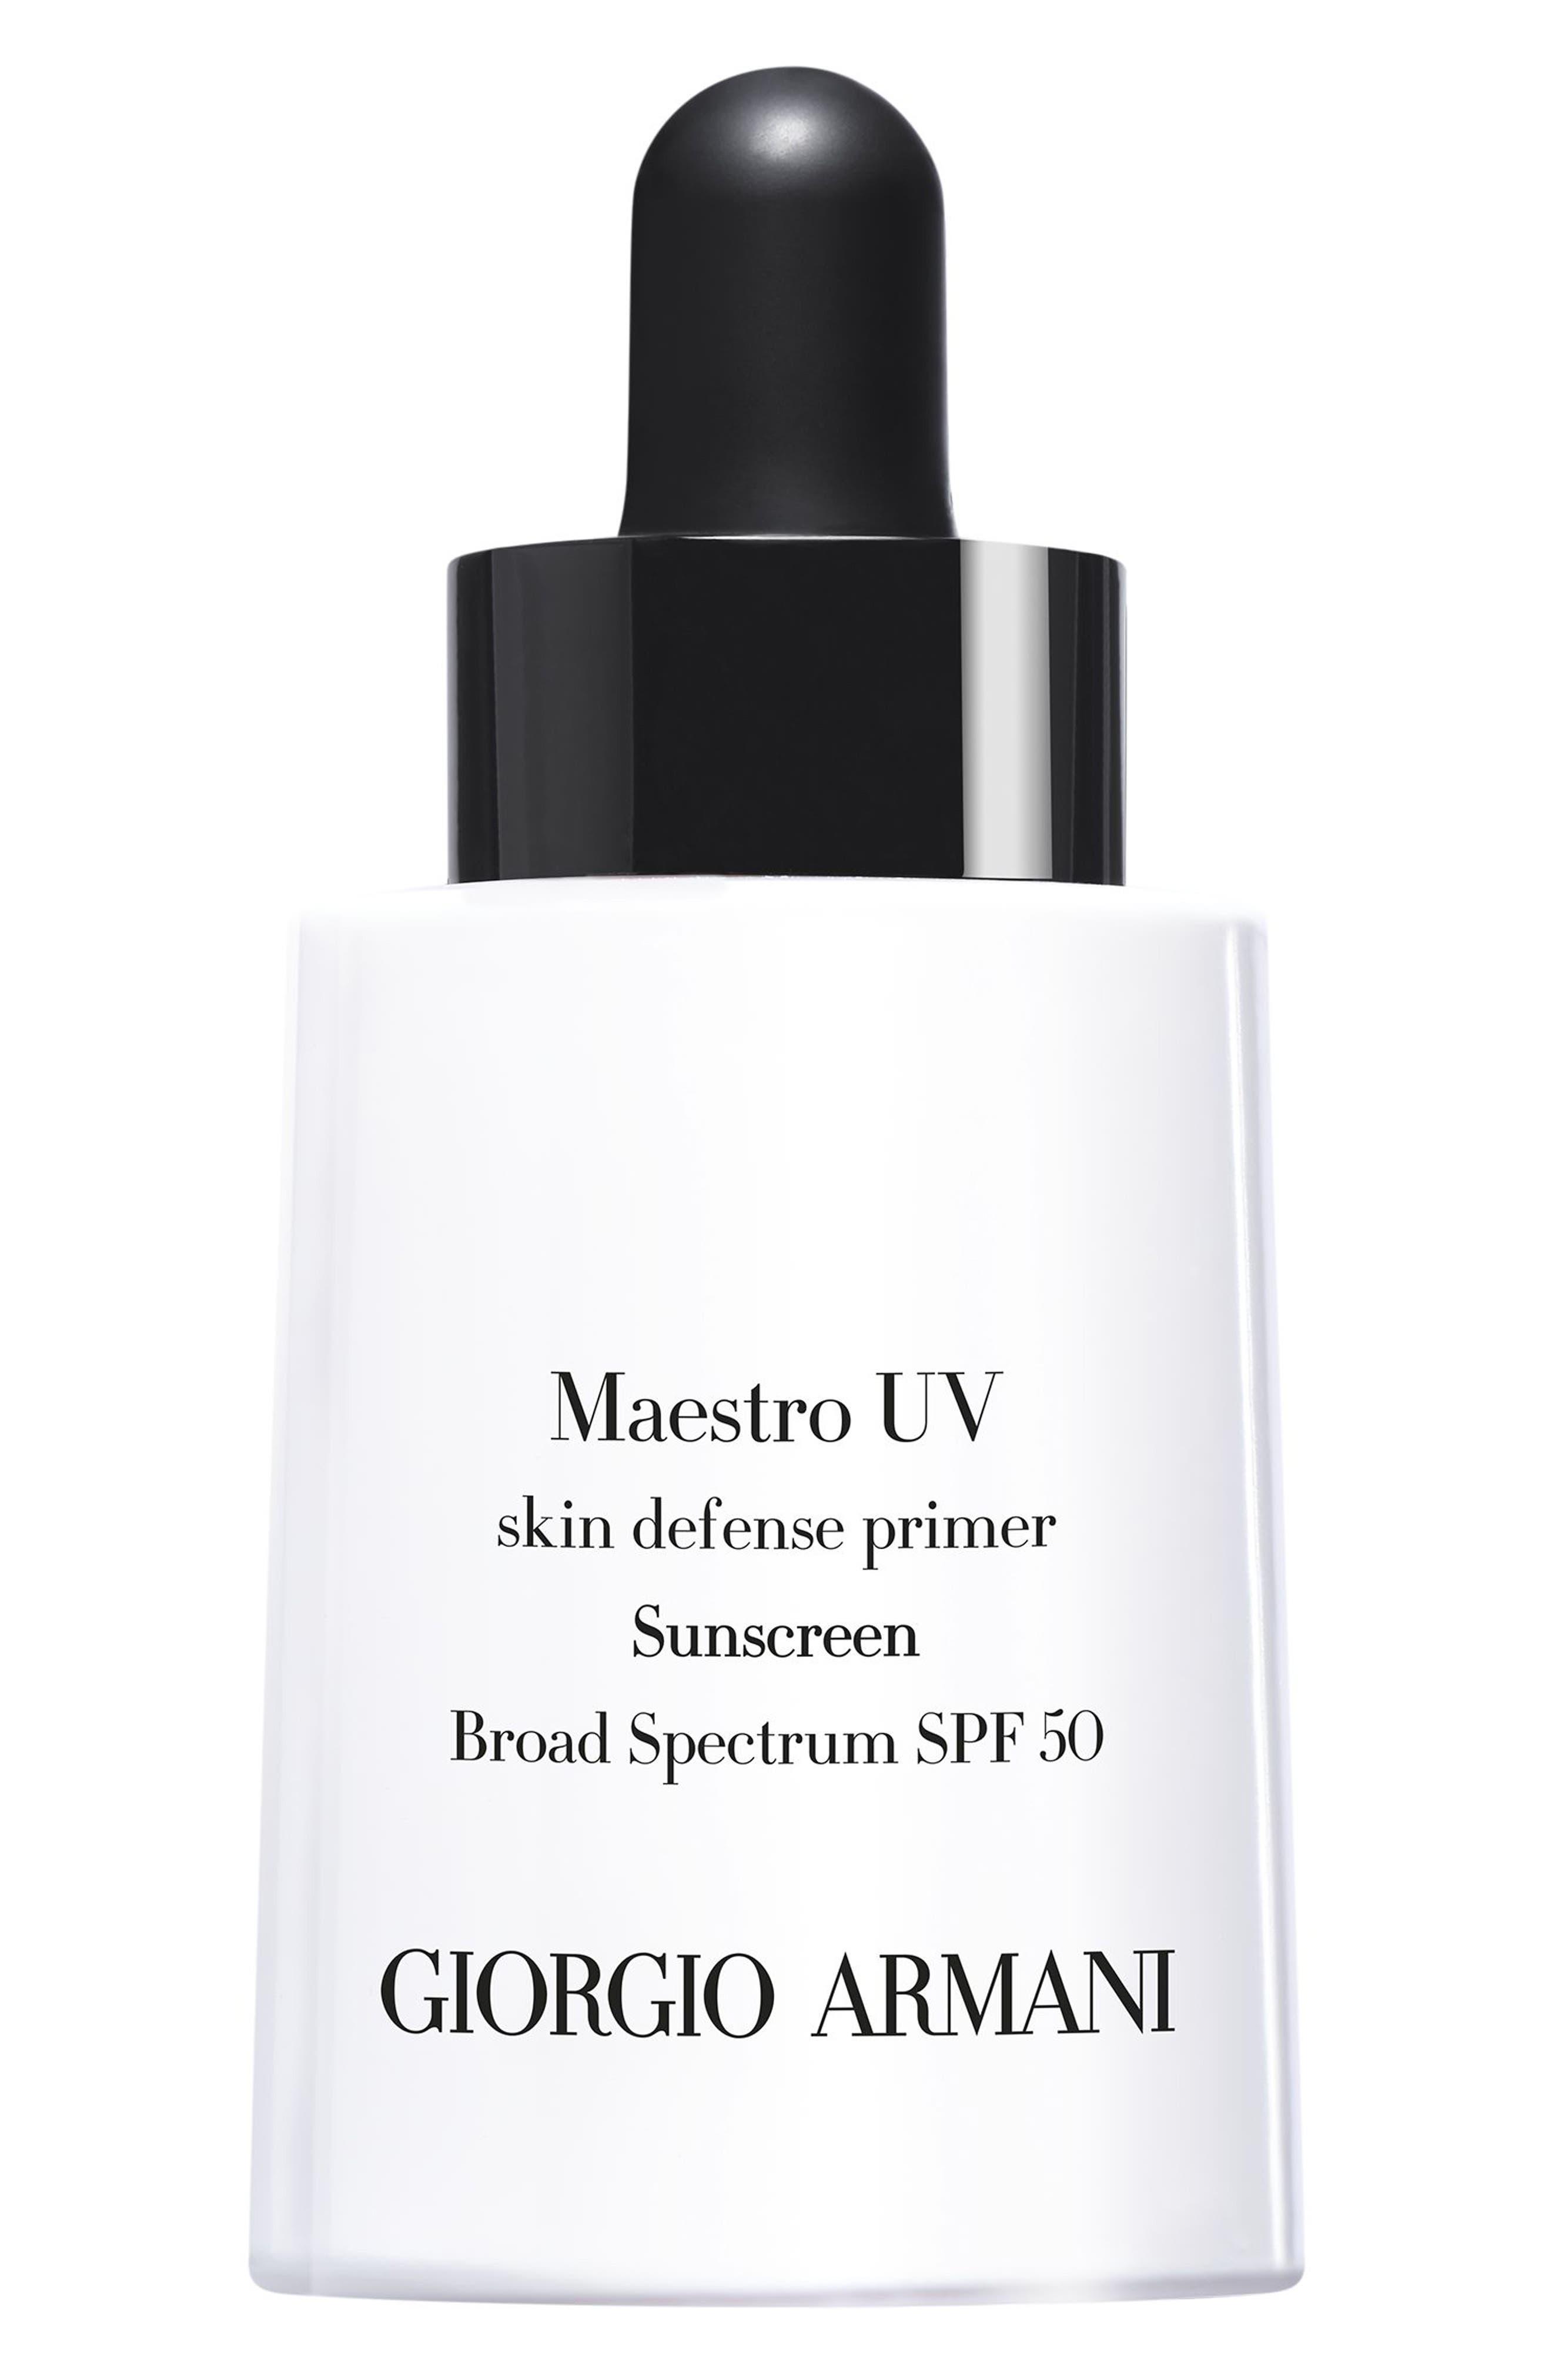 GIORGIO ARMANI Maestro UV Skin Defense Primer Sunscreen SPF 50, Main, color, NO COLOR